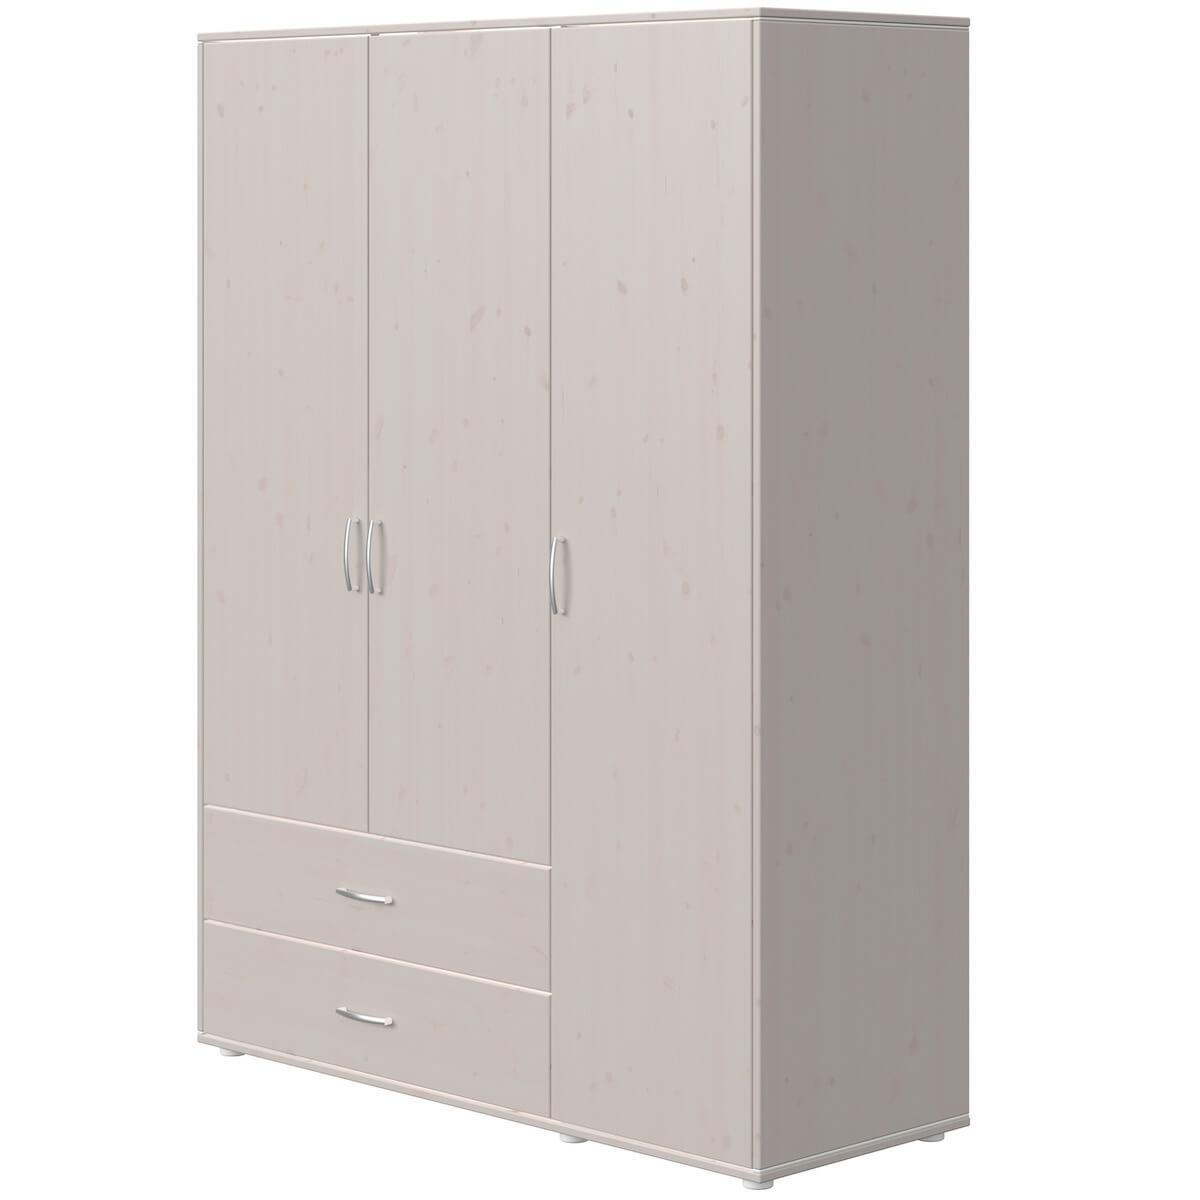 Kleiderschrank 3 Türen 2 Schubladen CLASSIC Flexa grey washed